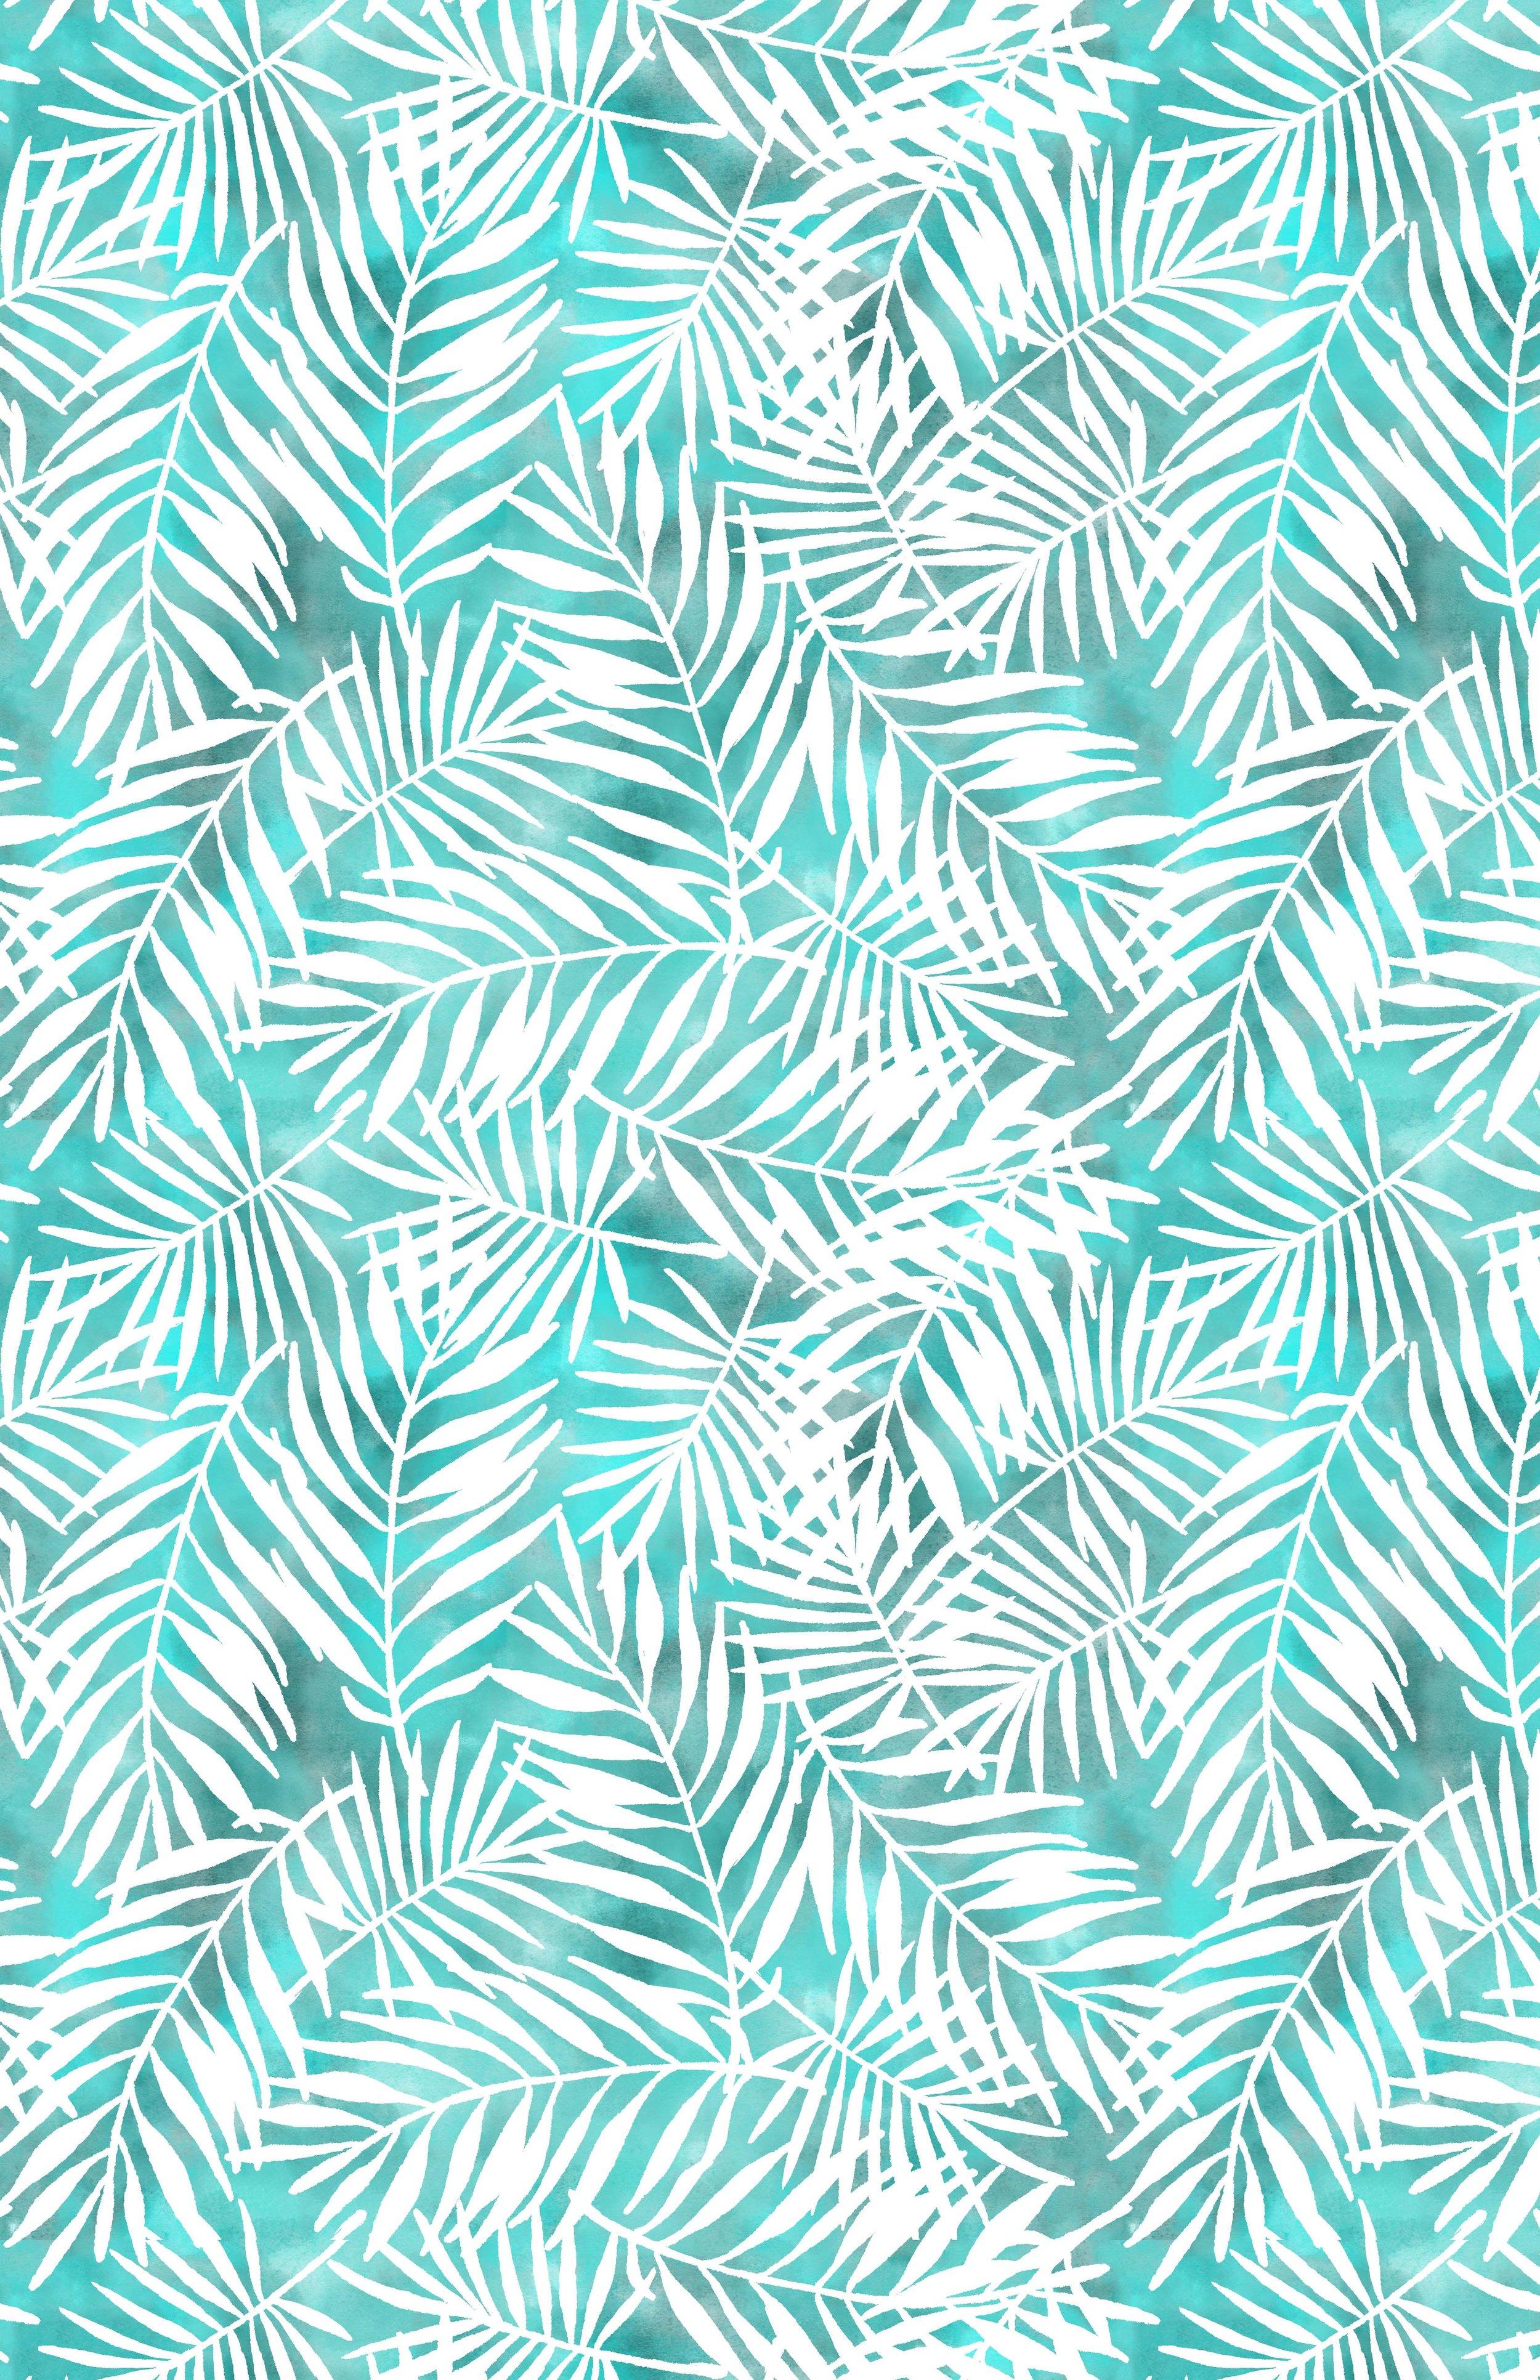 jungle leaves v3.jpg